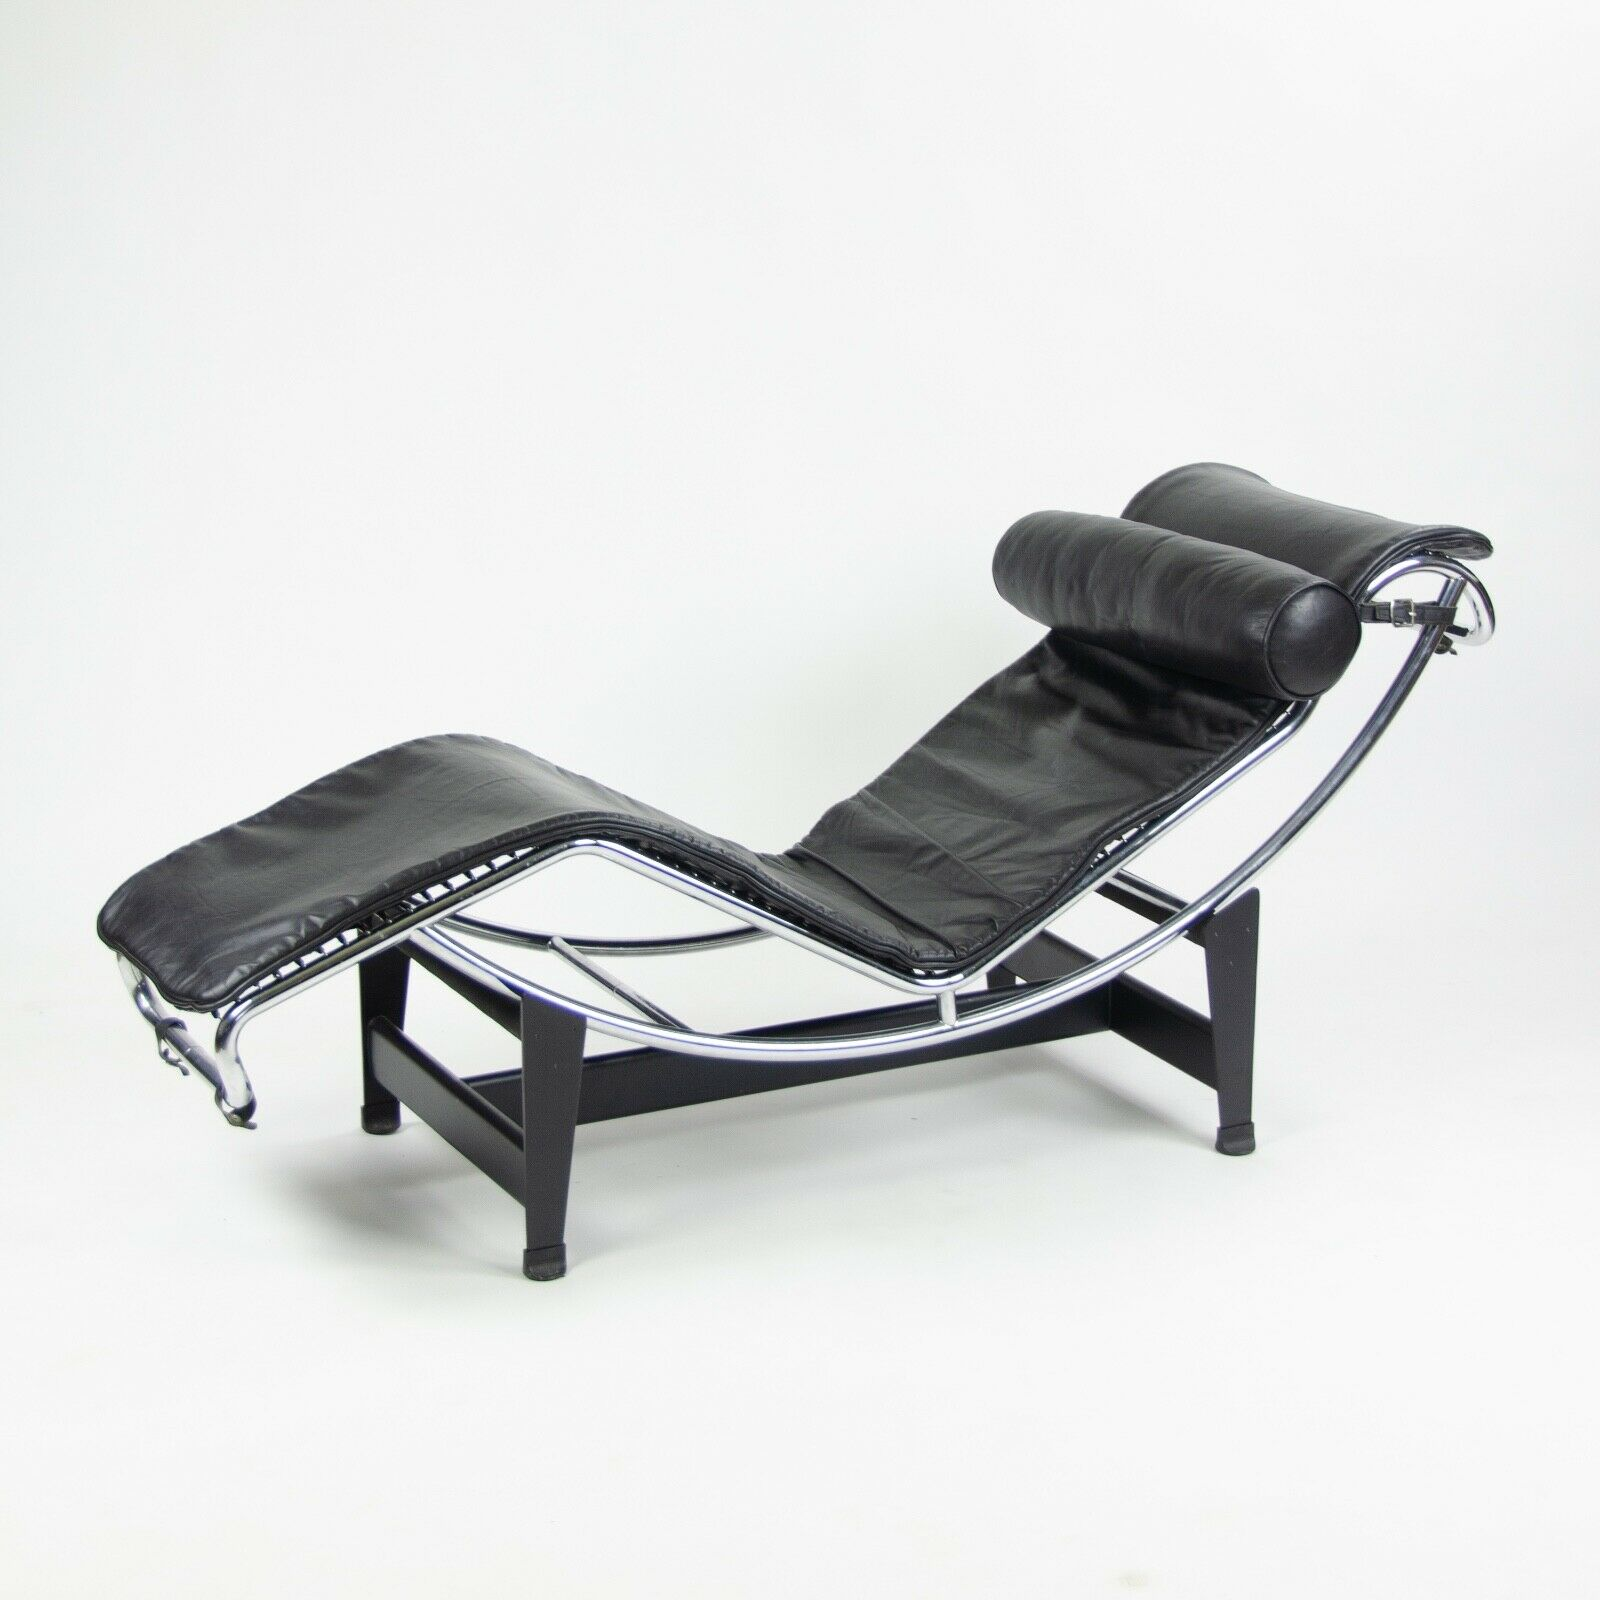 Details Vintage Chaise Leather Black Lounge About Corbusier Lc4 Cassina Original Chair Le wPOn0k